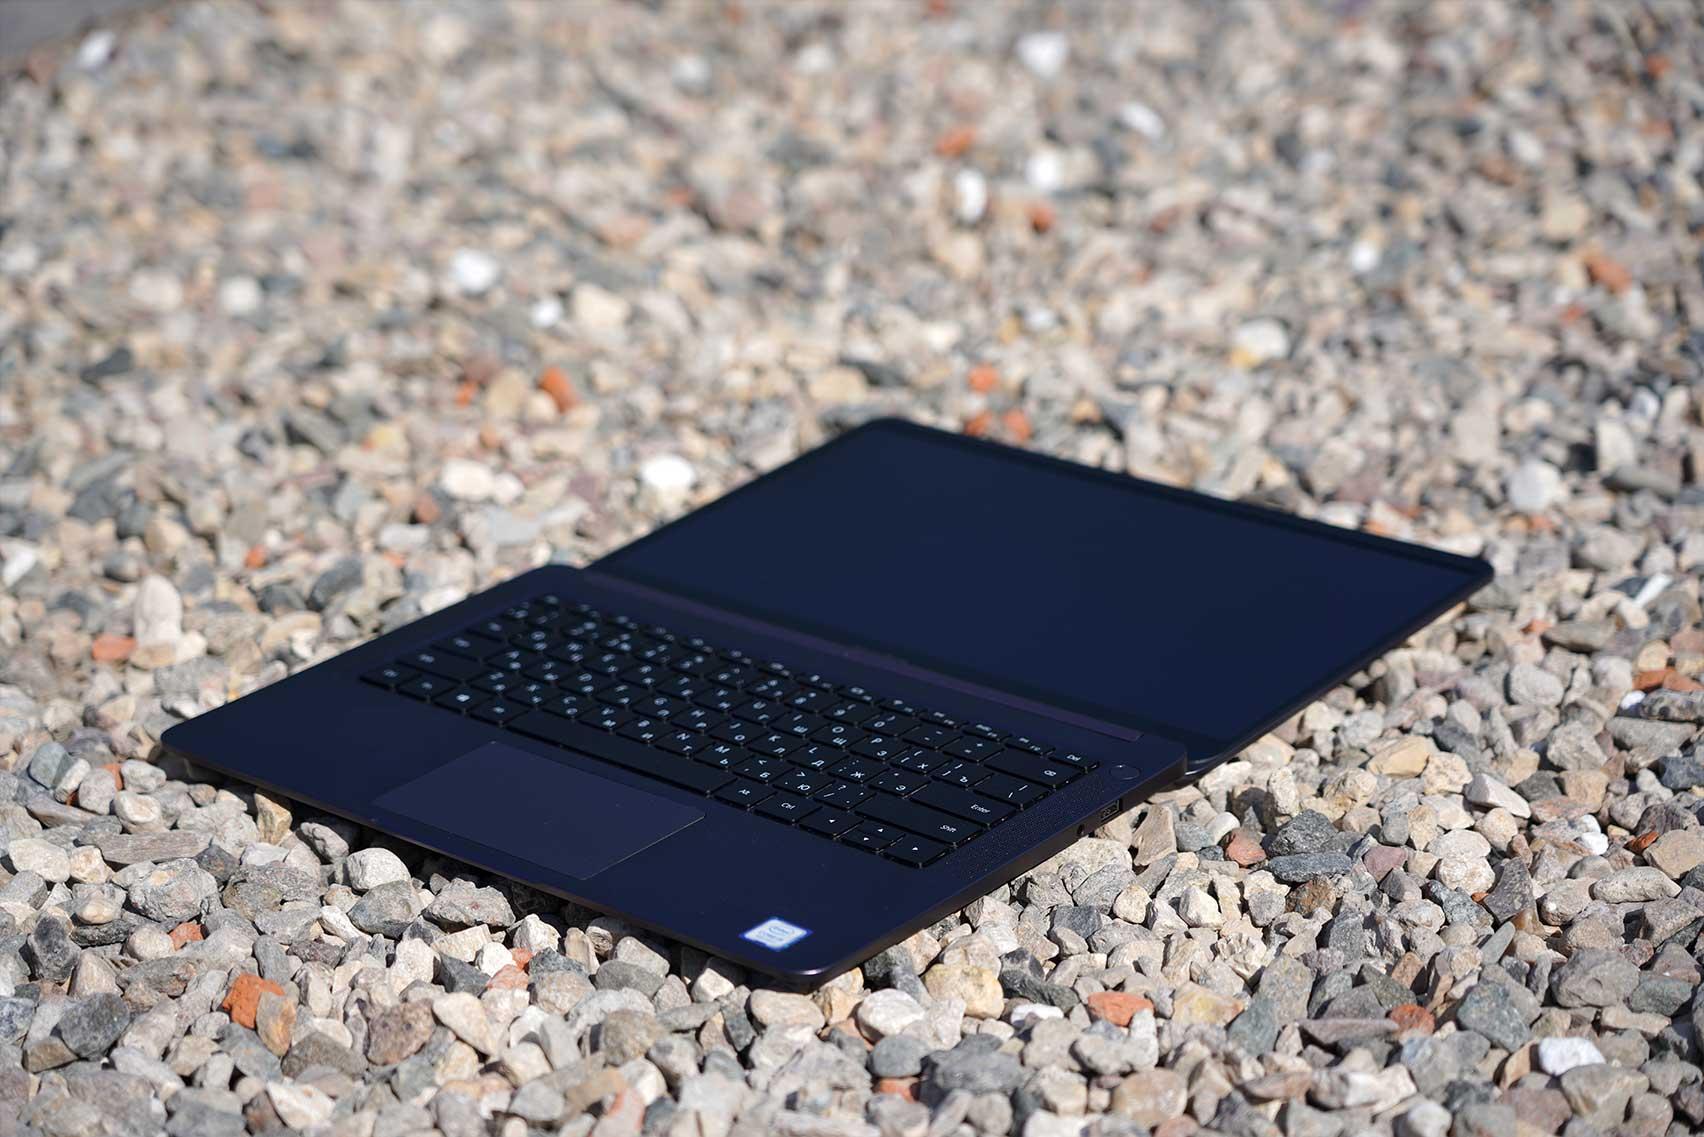 Honor MagicBook Intel